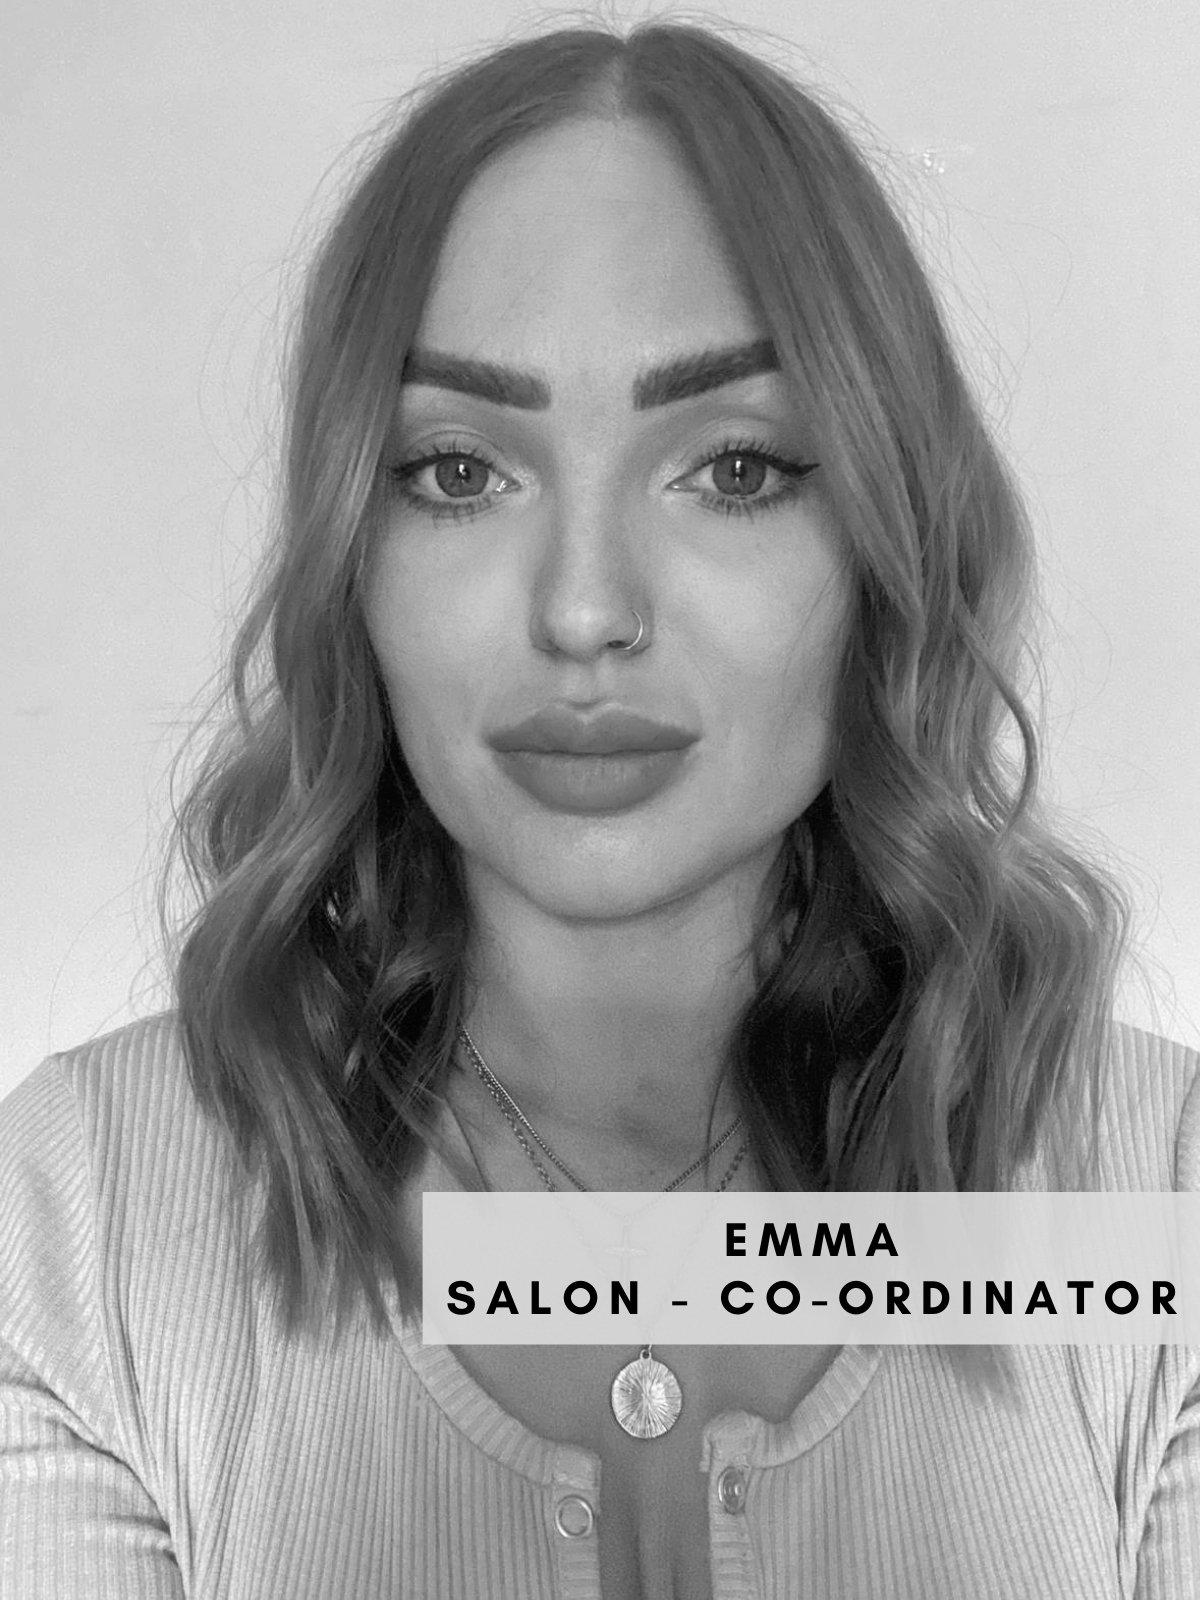 Emma – Salon Co-Ordinator